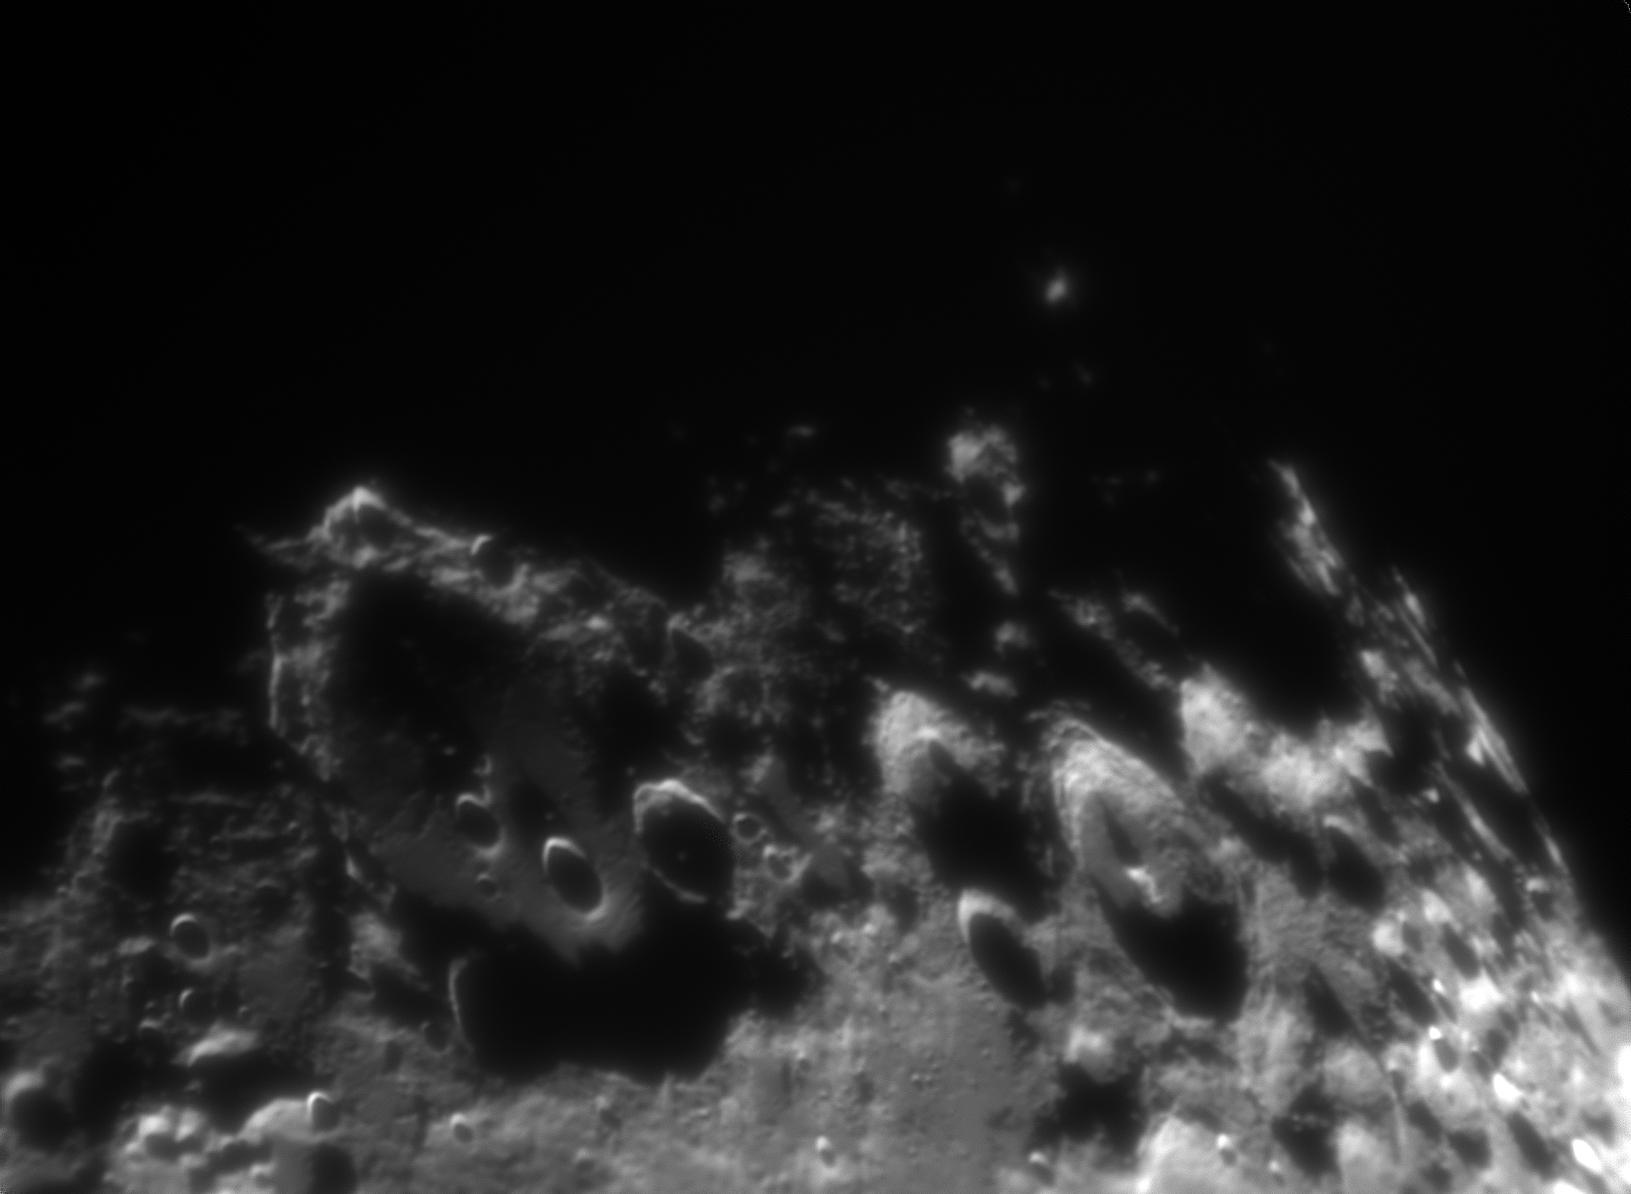 Clavius_2021MAR22_20_05_58.jpg